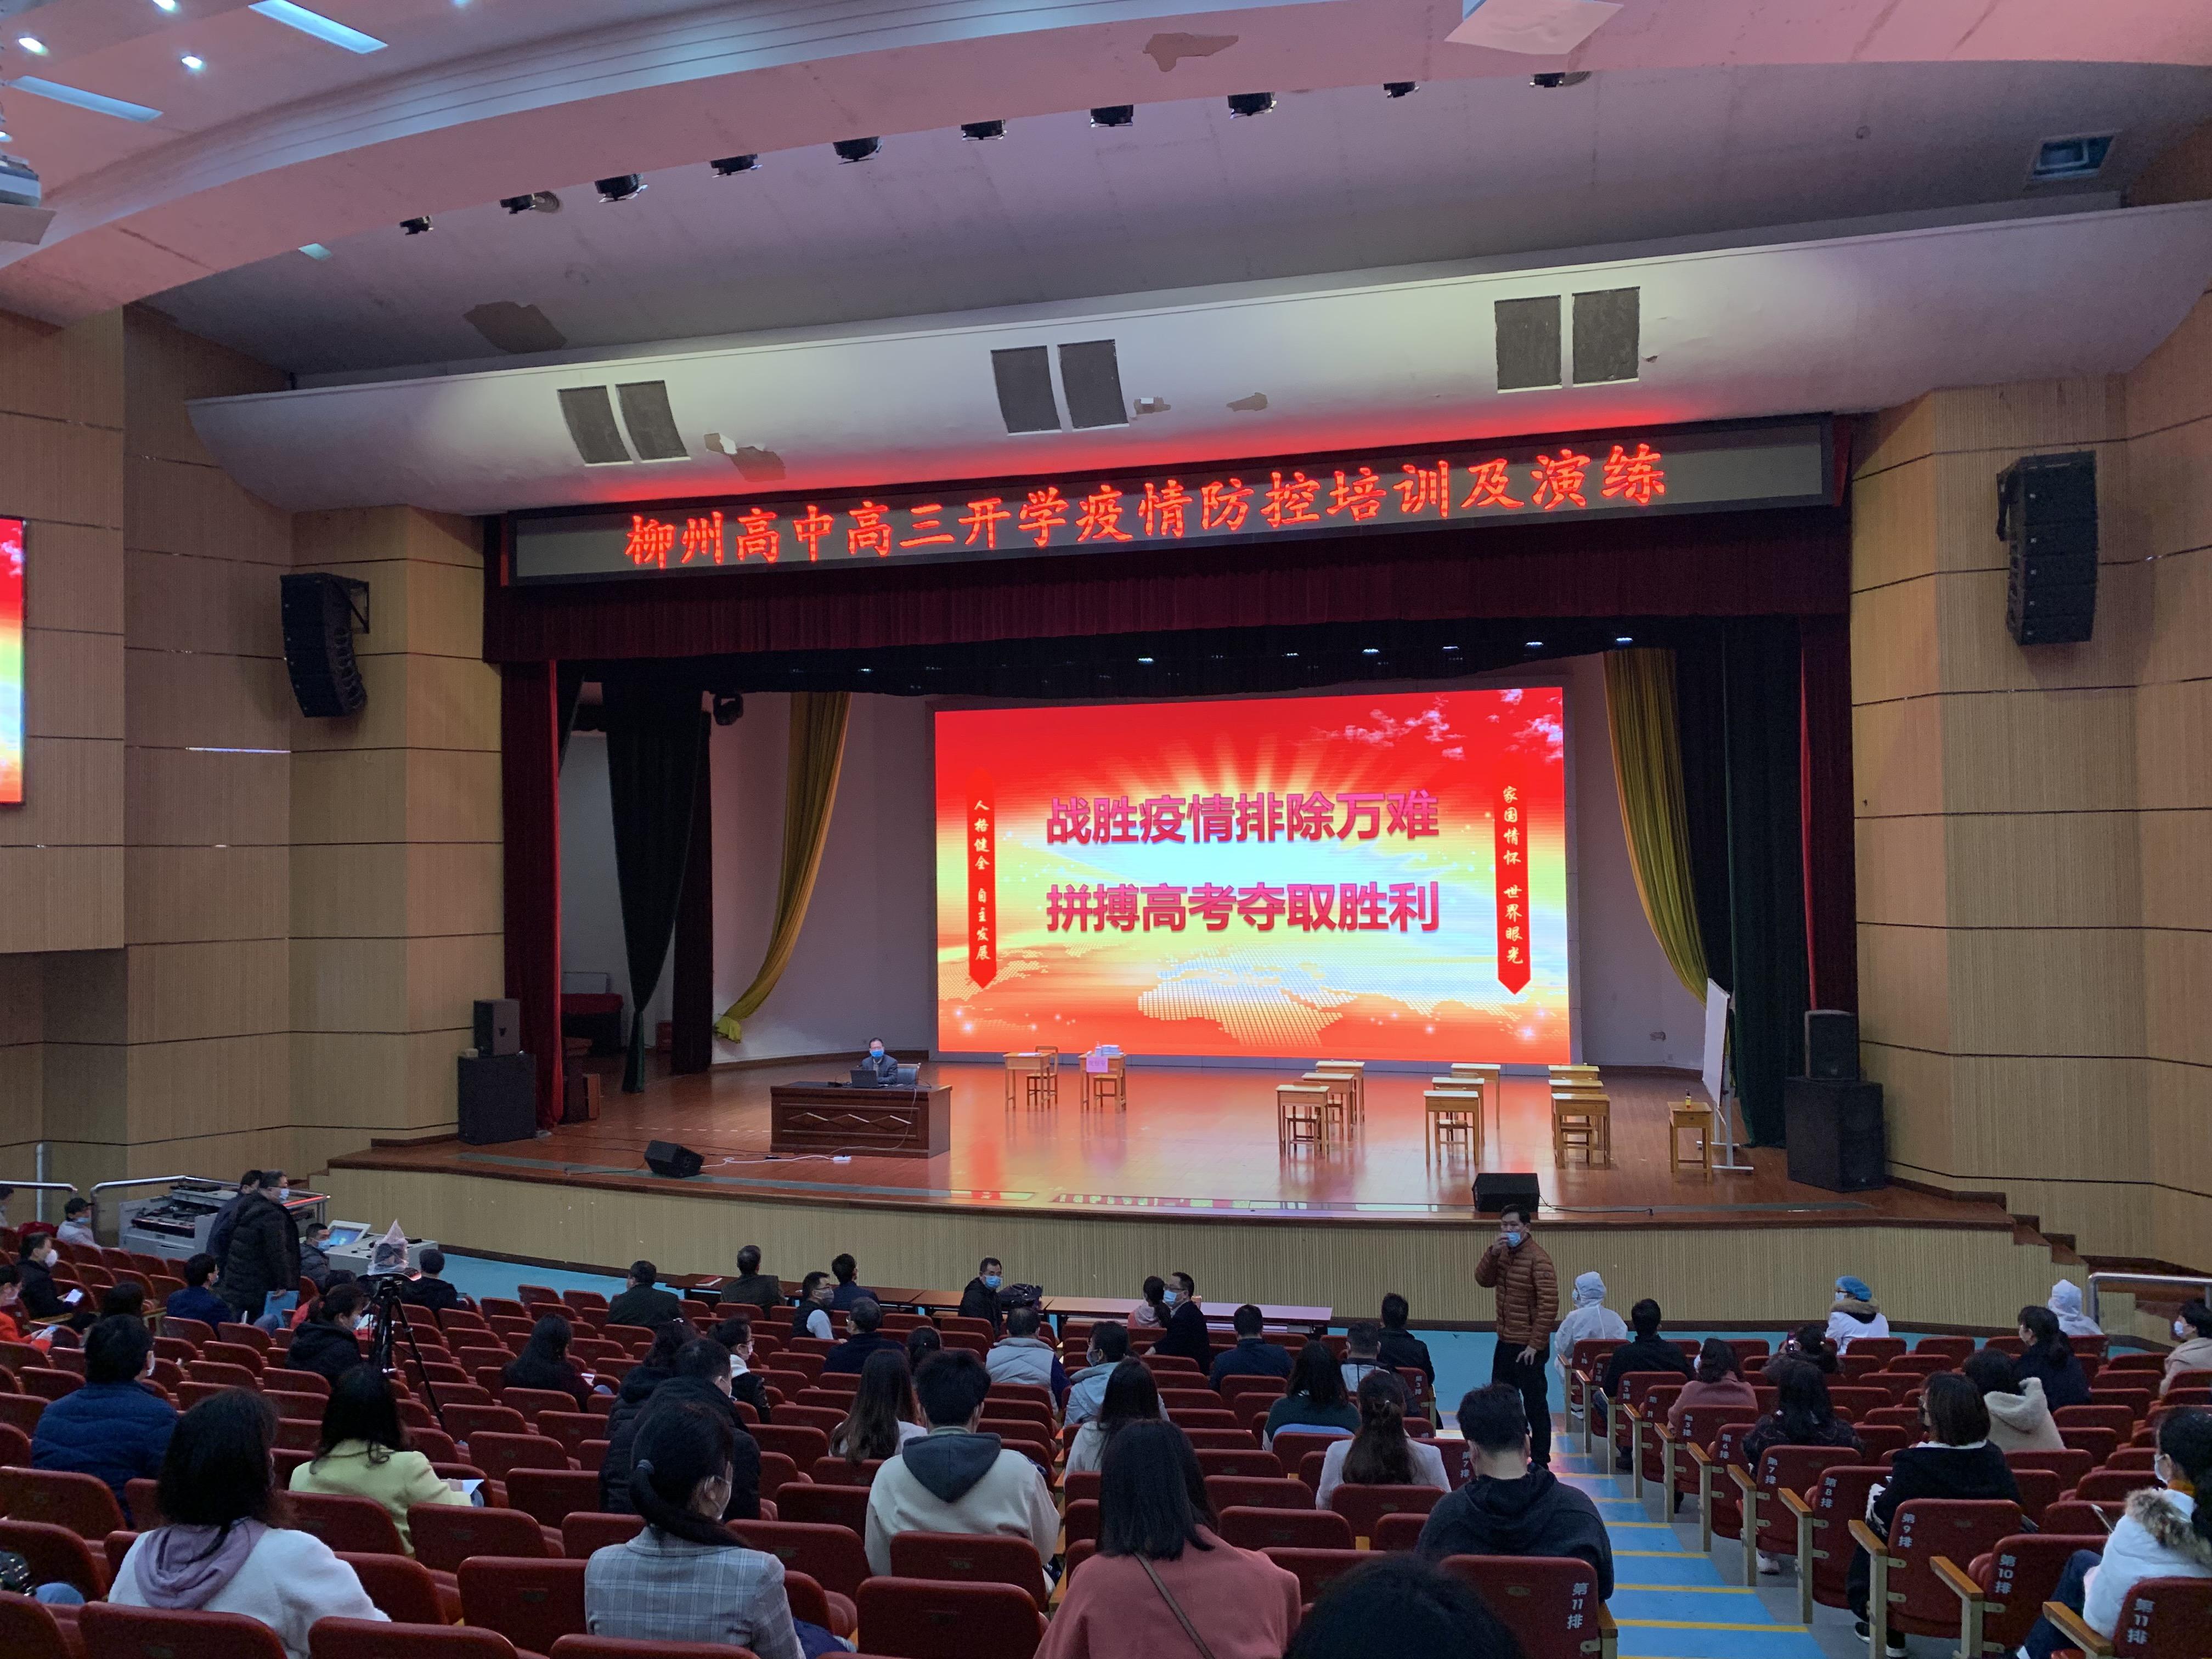 2020-2021年柳州高中開學分批對班主任們進行疫情防控培訓以及演練.JPG